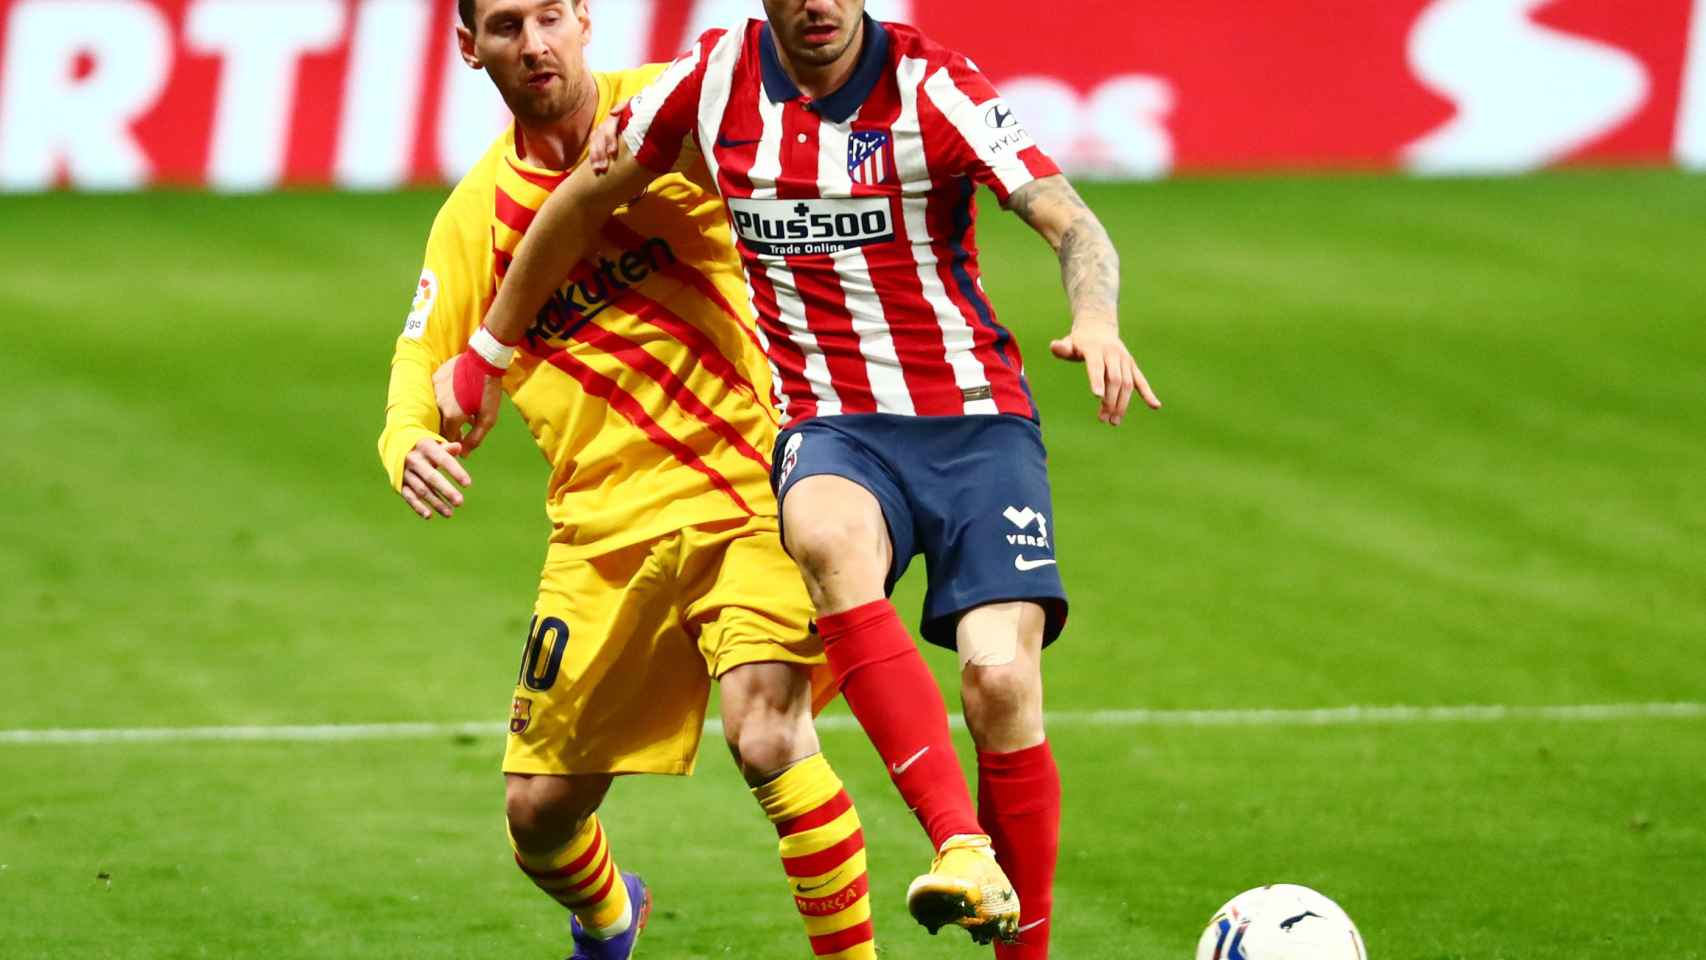 Saúl Ñíguez, perseguido por Leo Messi durante el Atlético de Madrid - Barcelona de La Liga